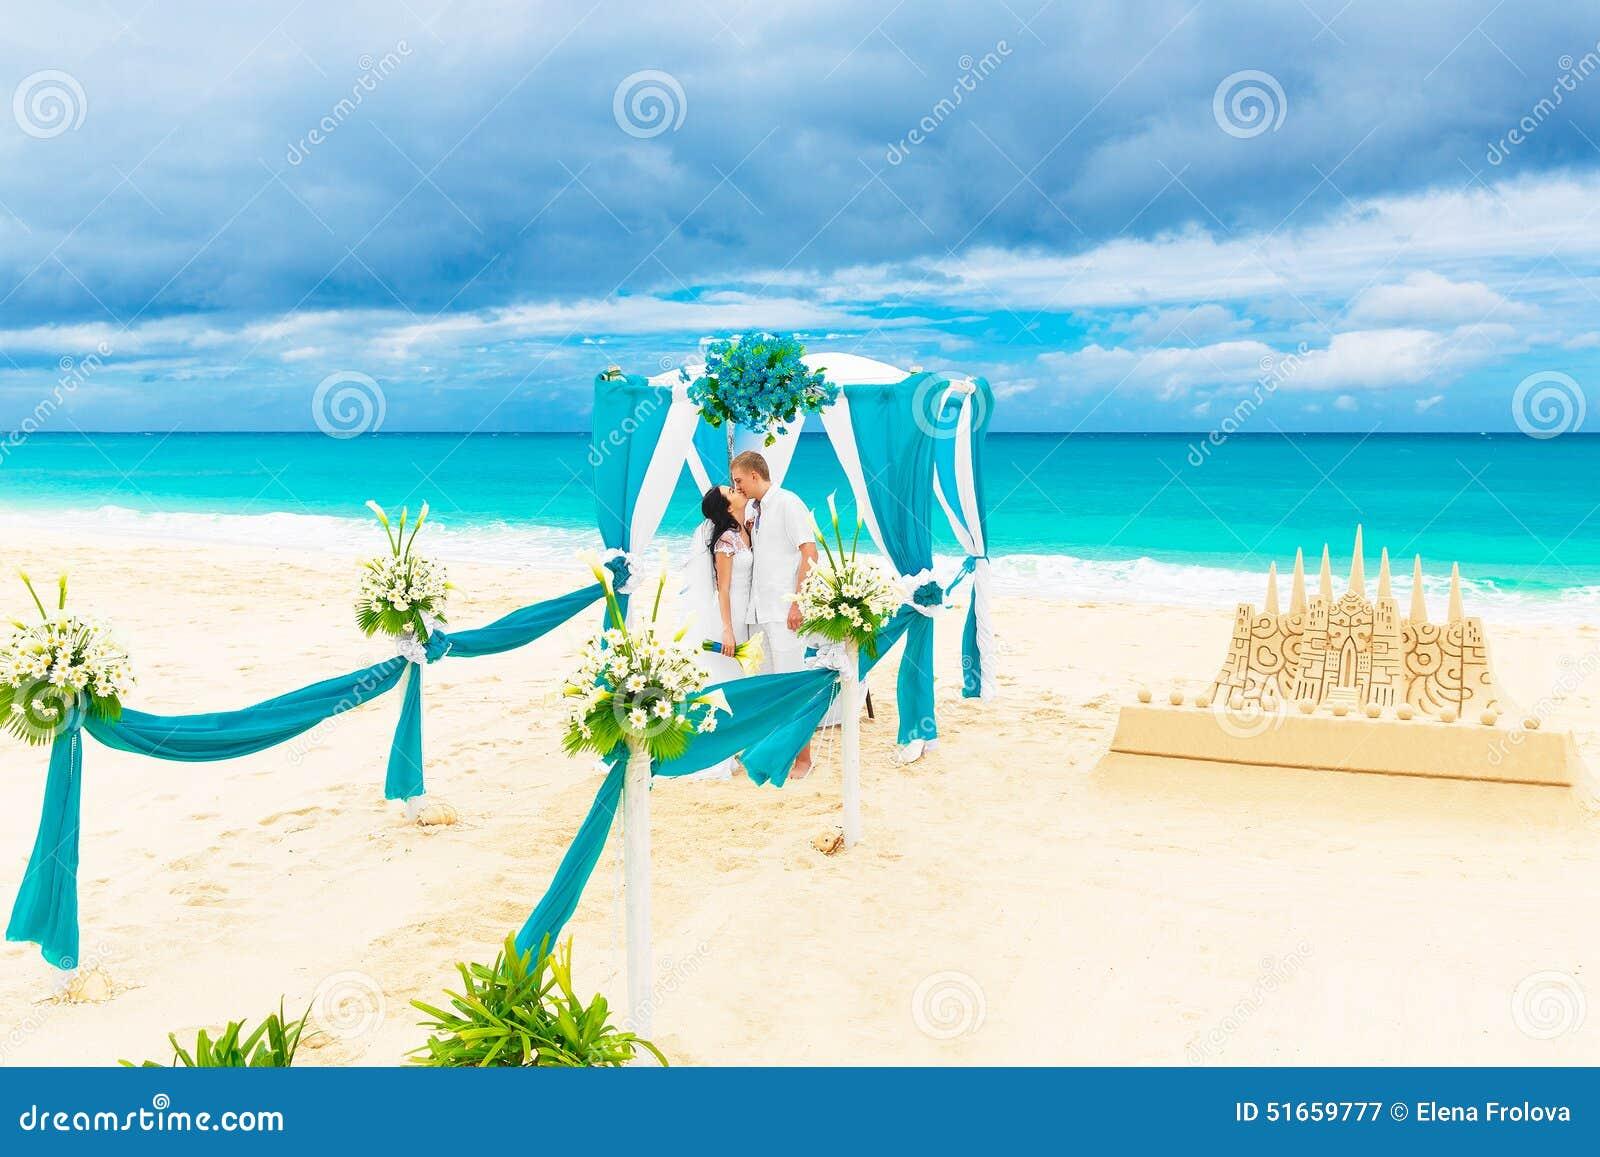 C r monie de mariage sur une plage tropicale dans le bleu mari et br heureux photo stock - Mariage a la plage ...